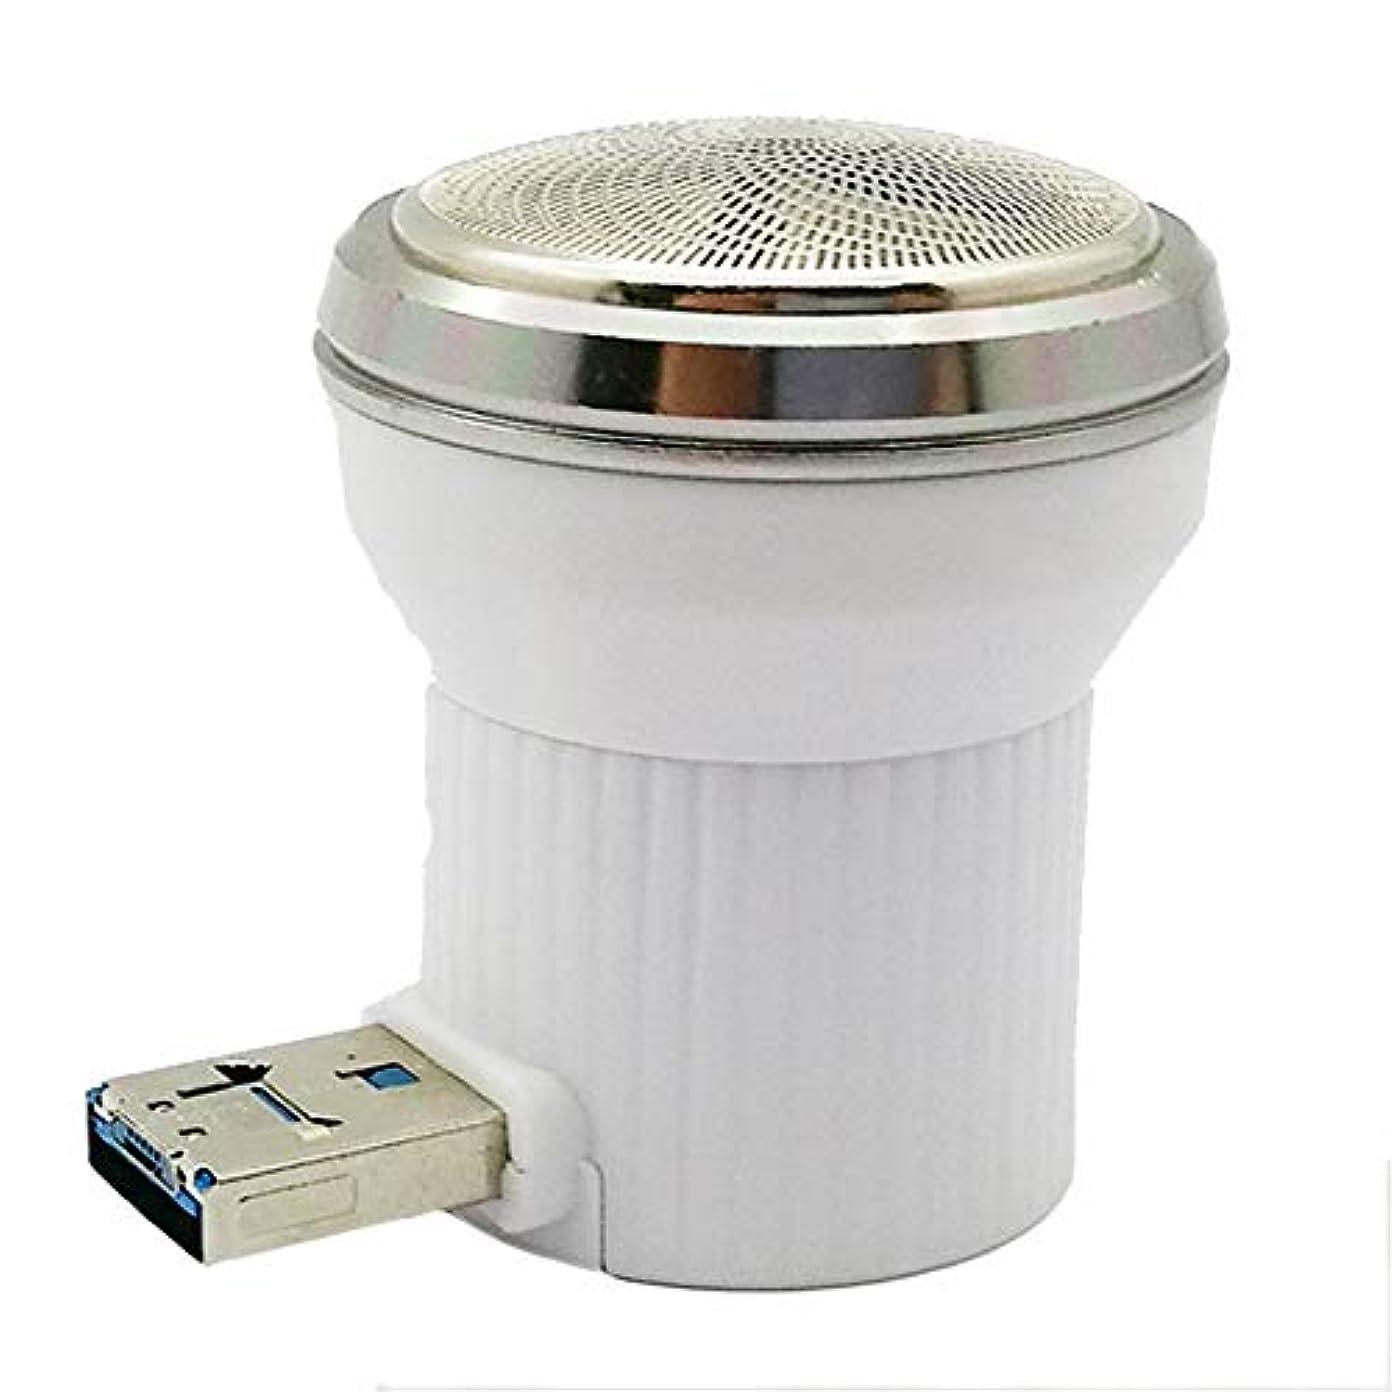 細断ランダムサスティーン旅行用かみそりのためのミニかみそりUSB携帯電話多機能ポータブル電気メンズかみそり(ホワイト)